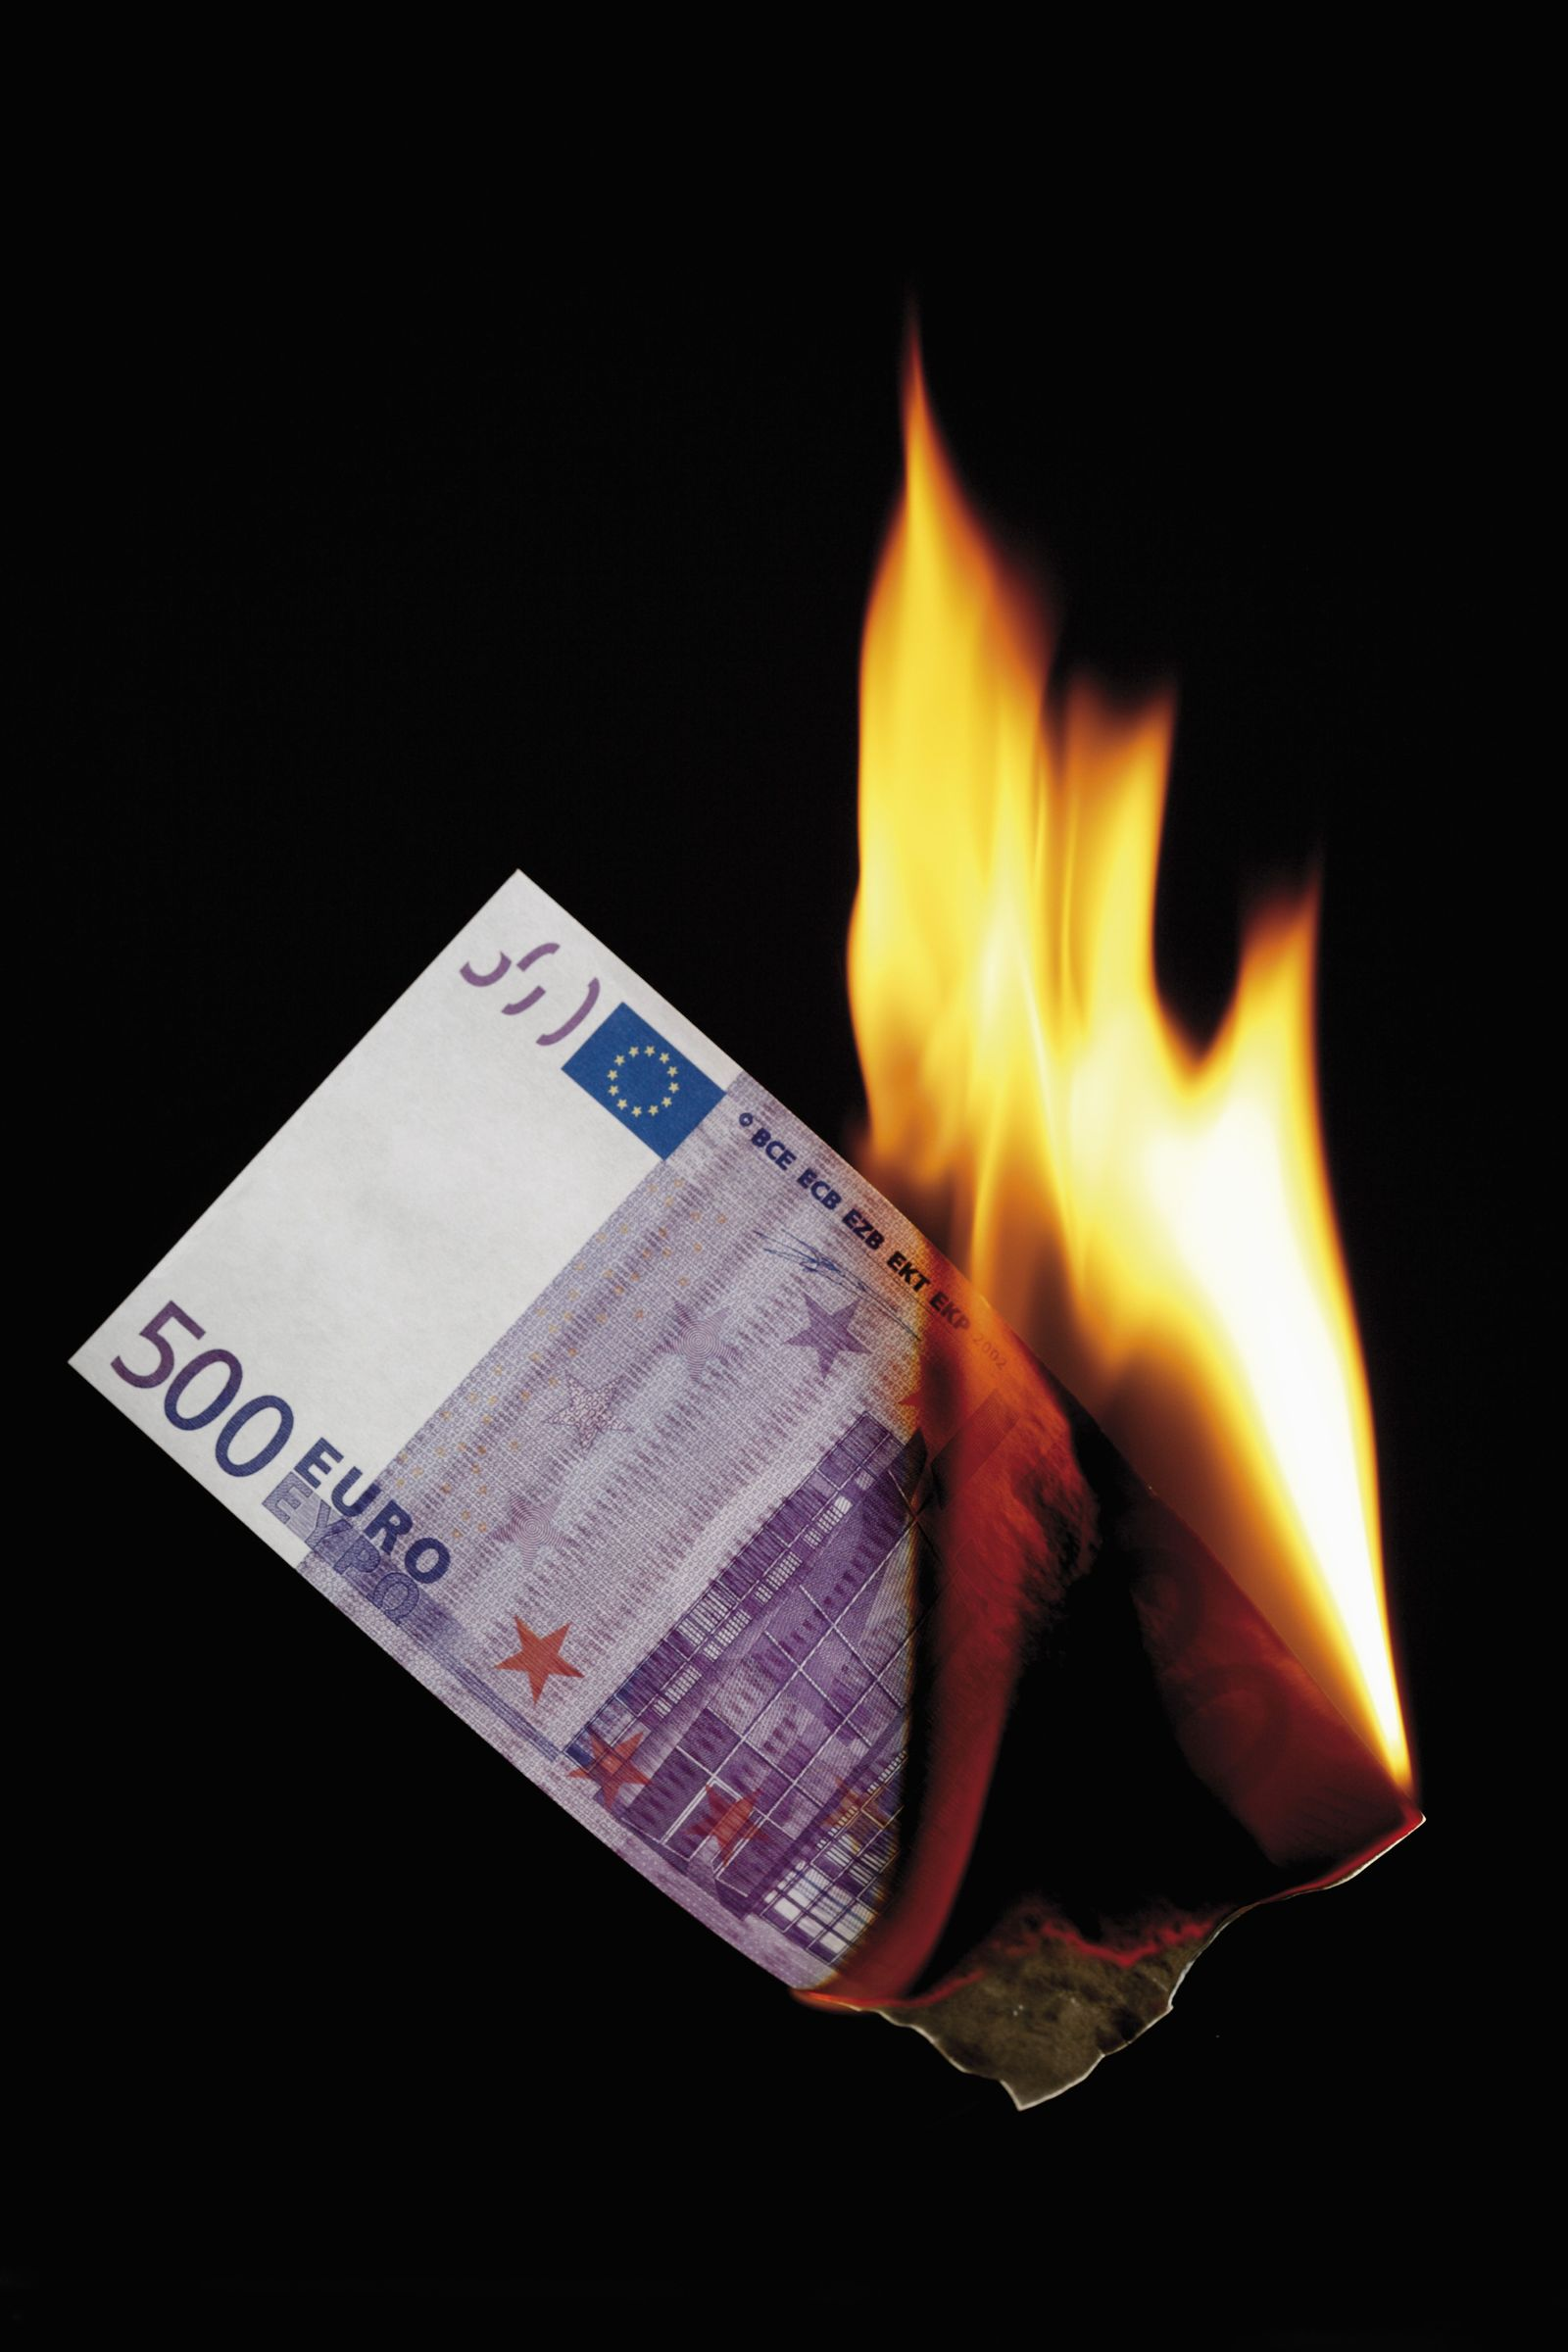 NICHT MEHR VERWENDEN! - Brennender Euroschein / Euro in der Krise / Feuer